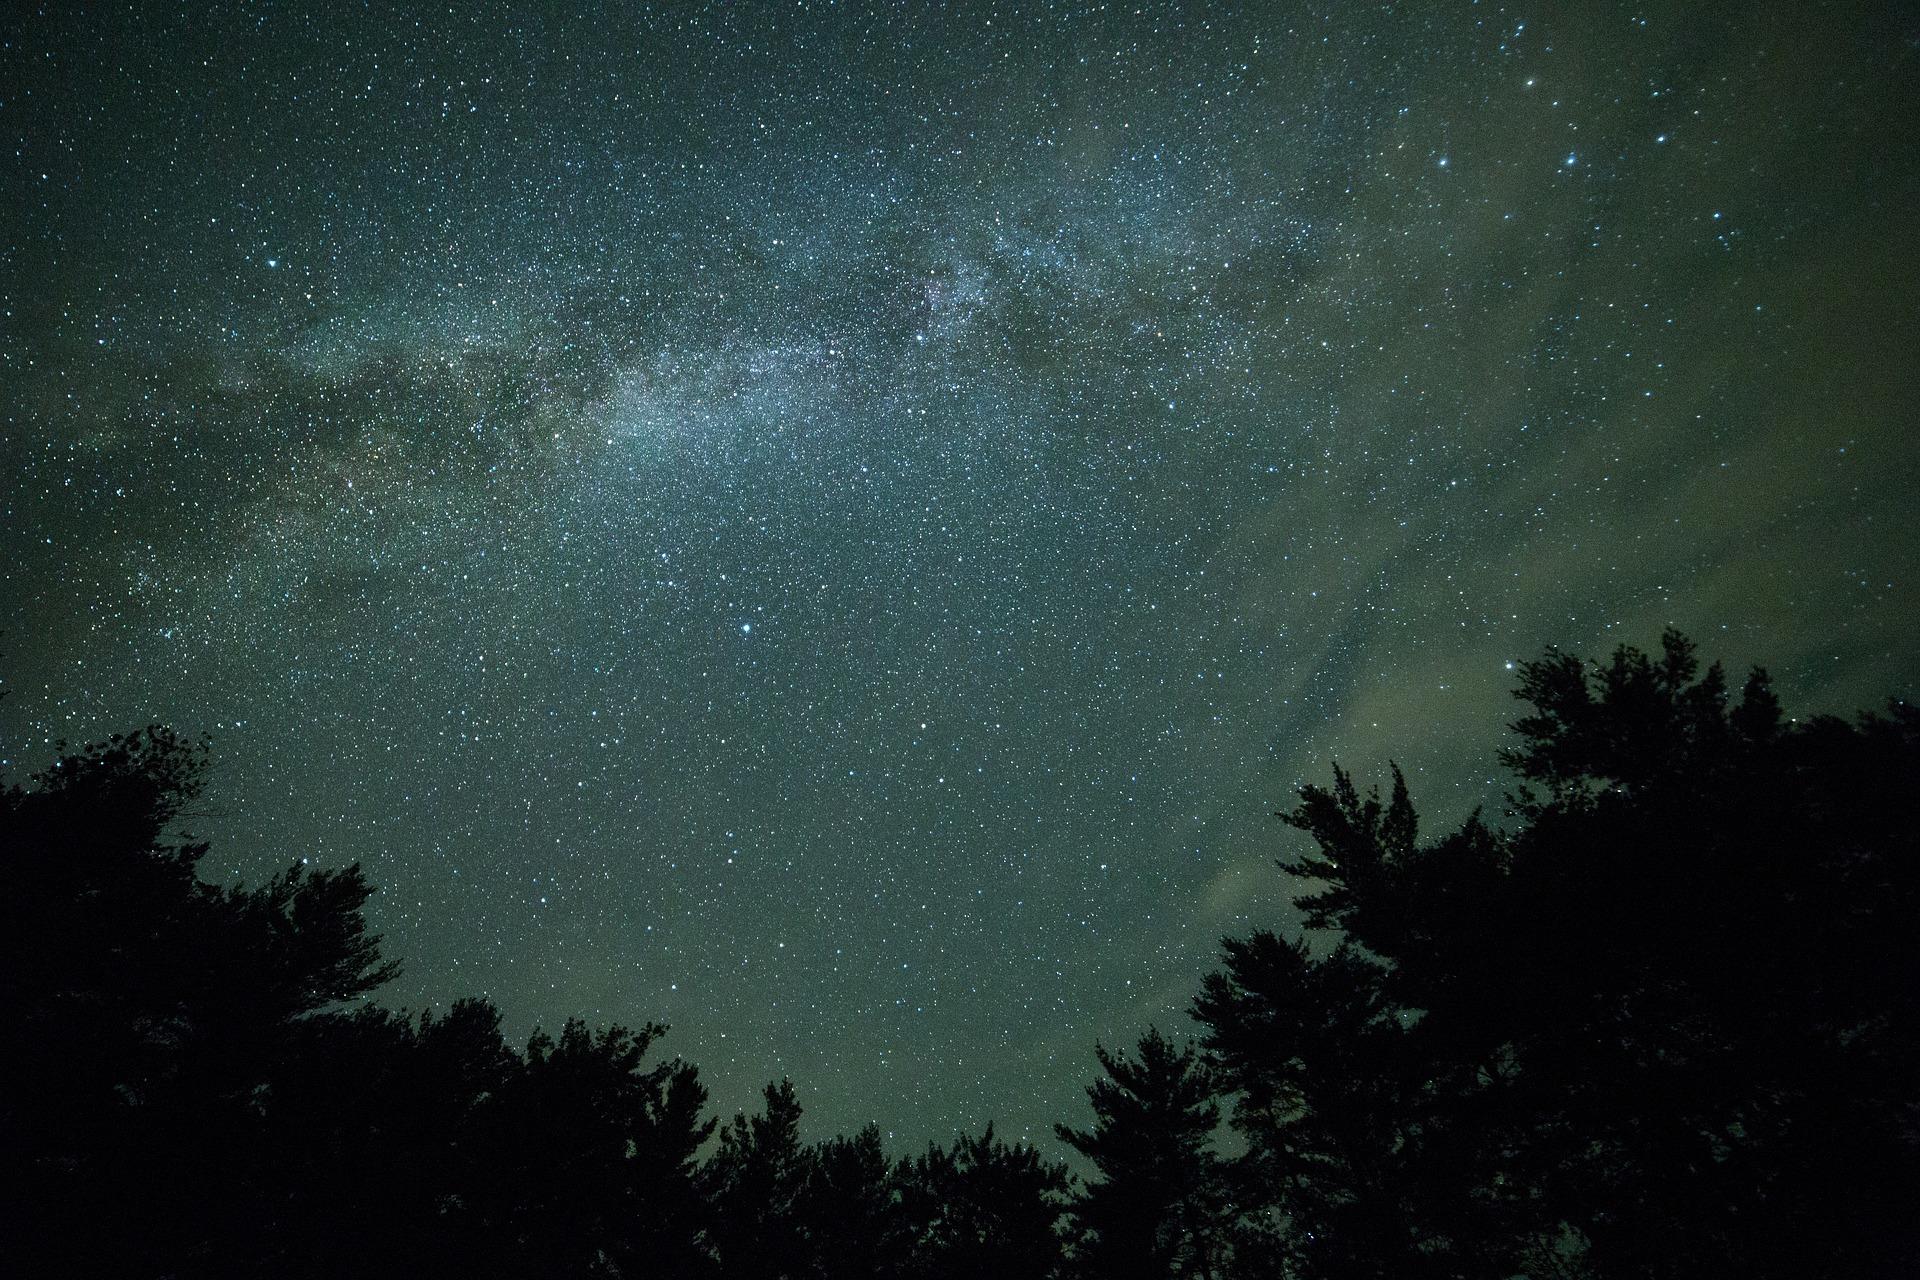 Мобильный планетарий: в ЗИЛе прочтут цикл лекций